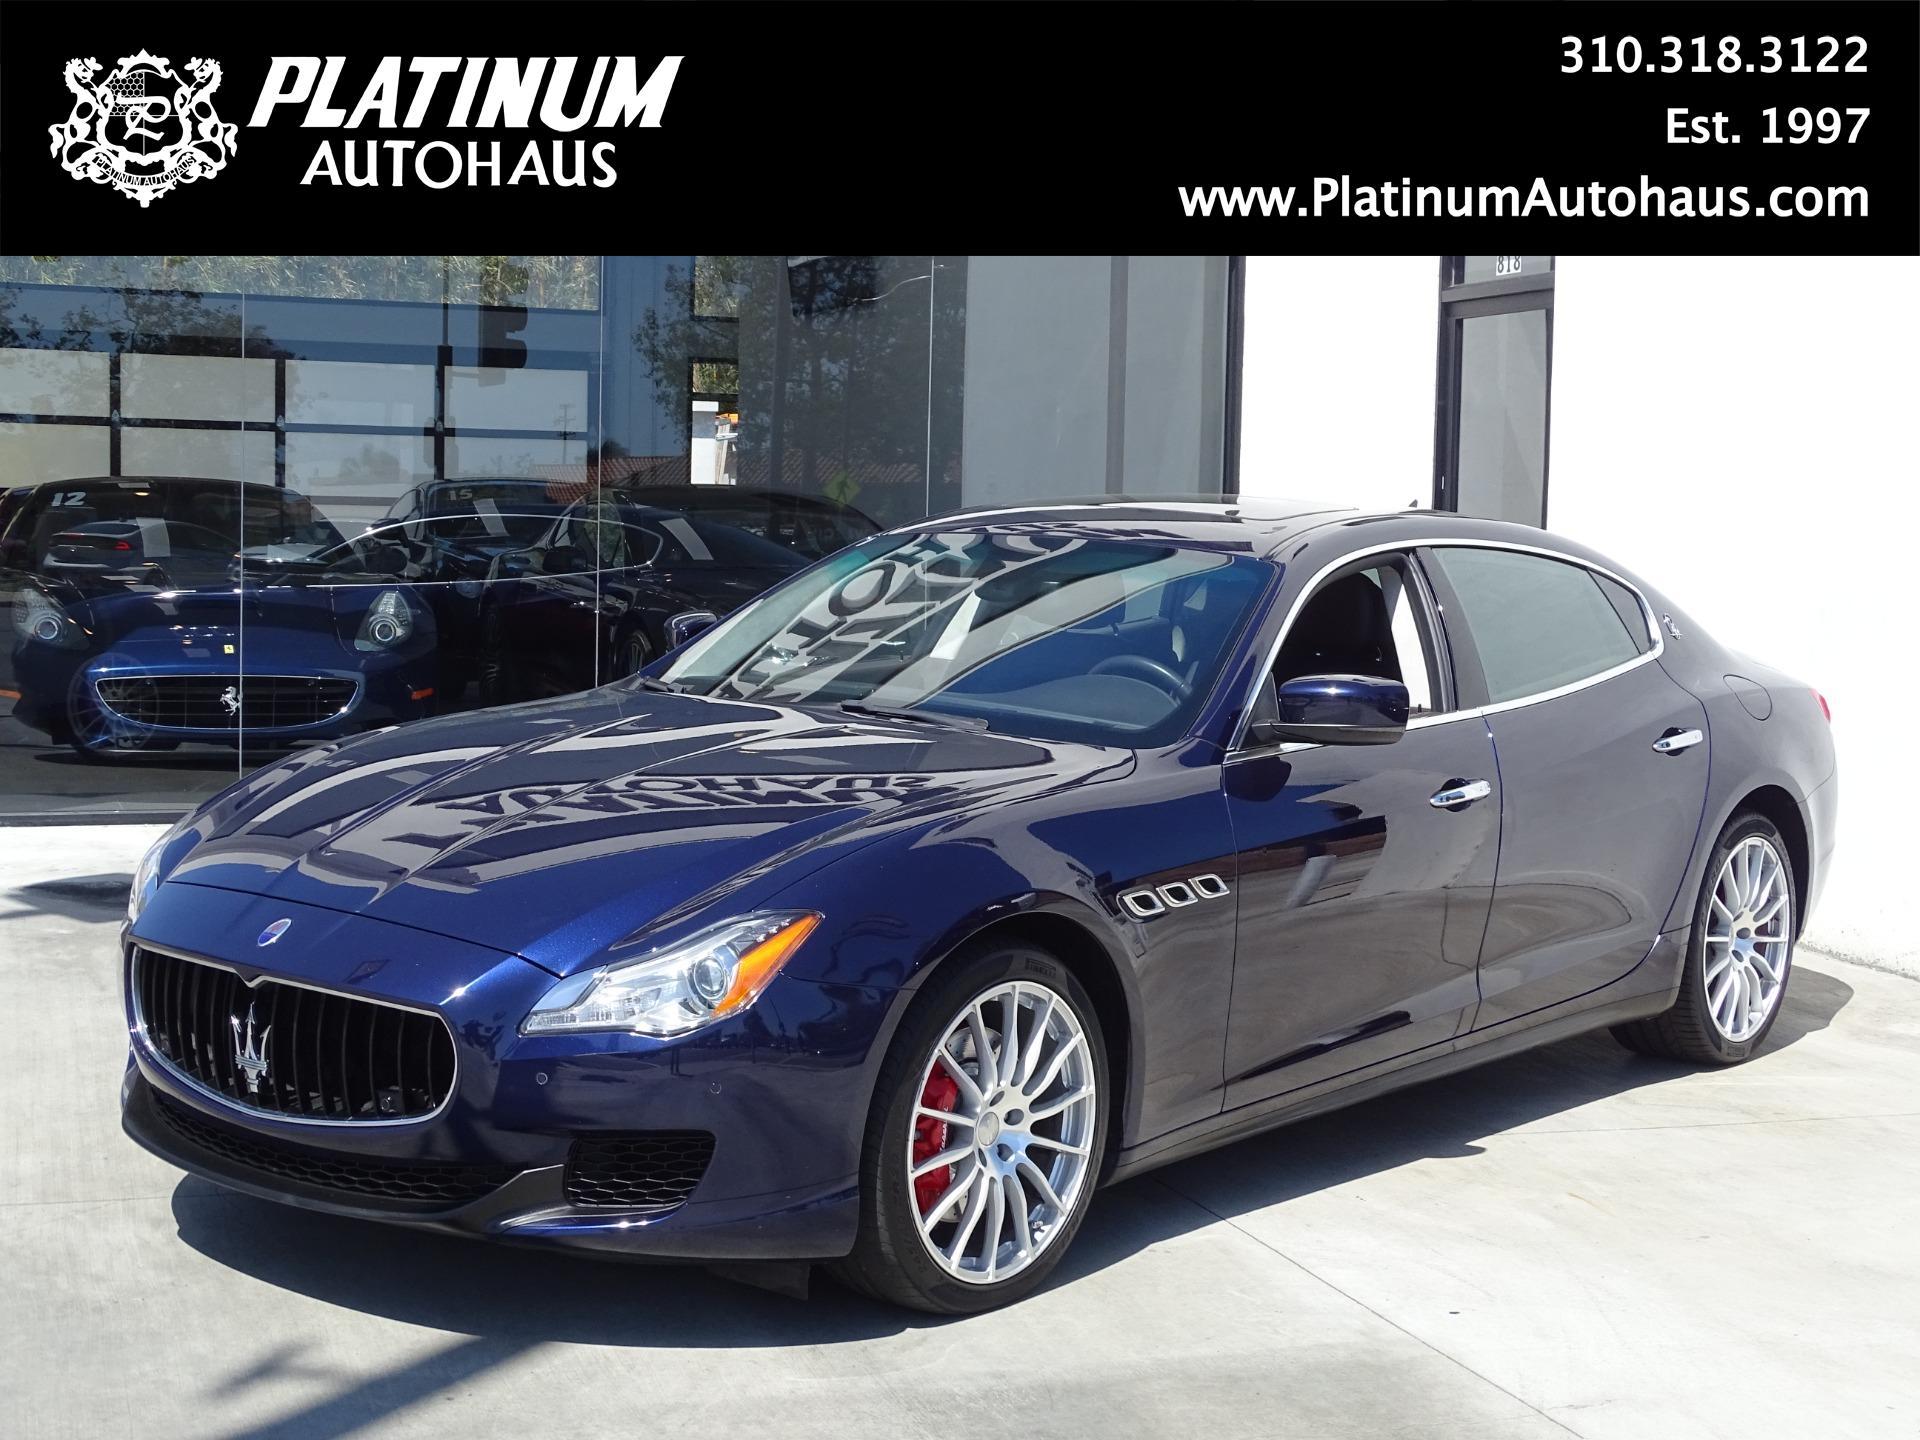 www.platinumautohaus.com